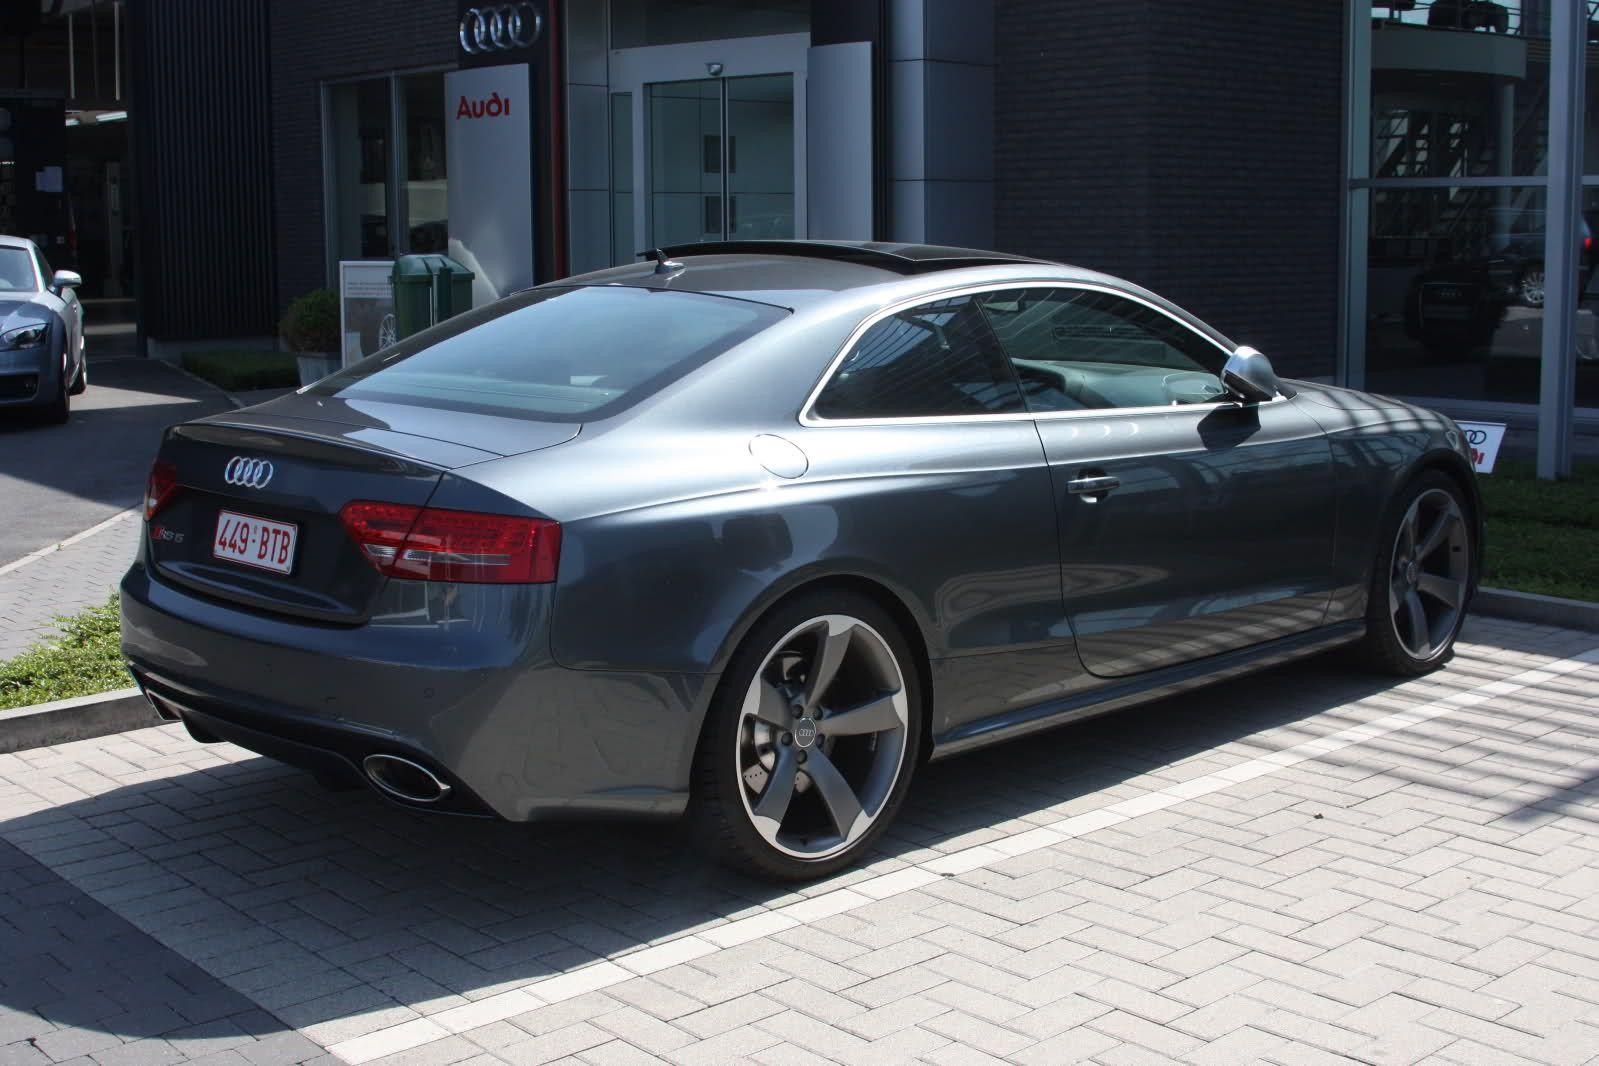 audi rs5 black Audi rs5, Audi s5, Audi